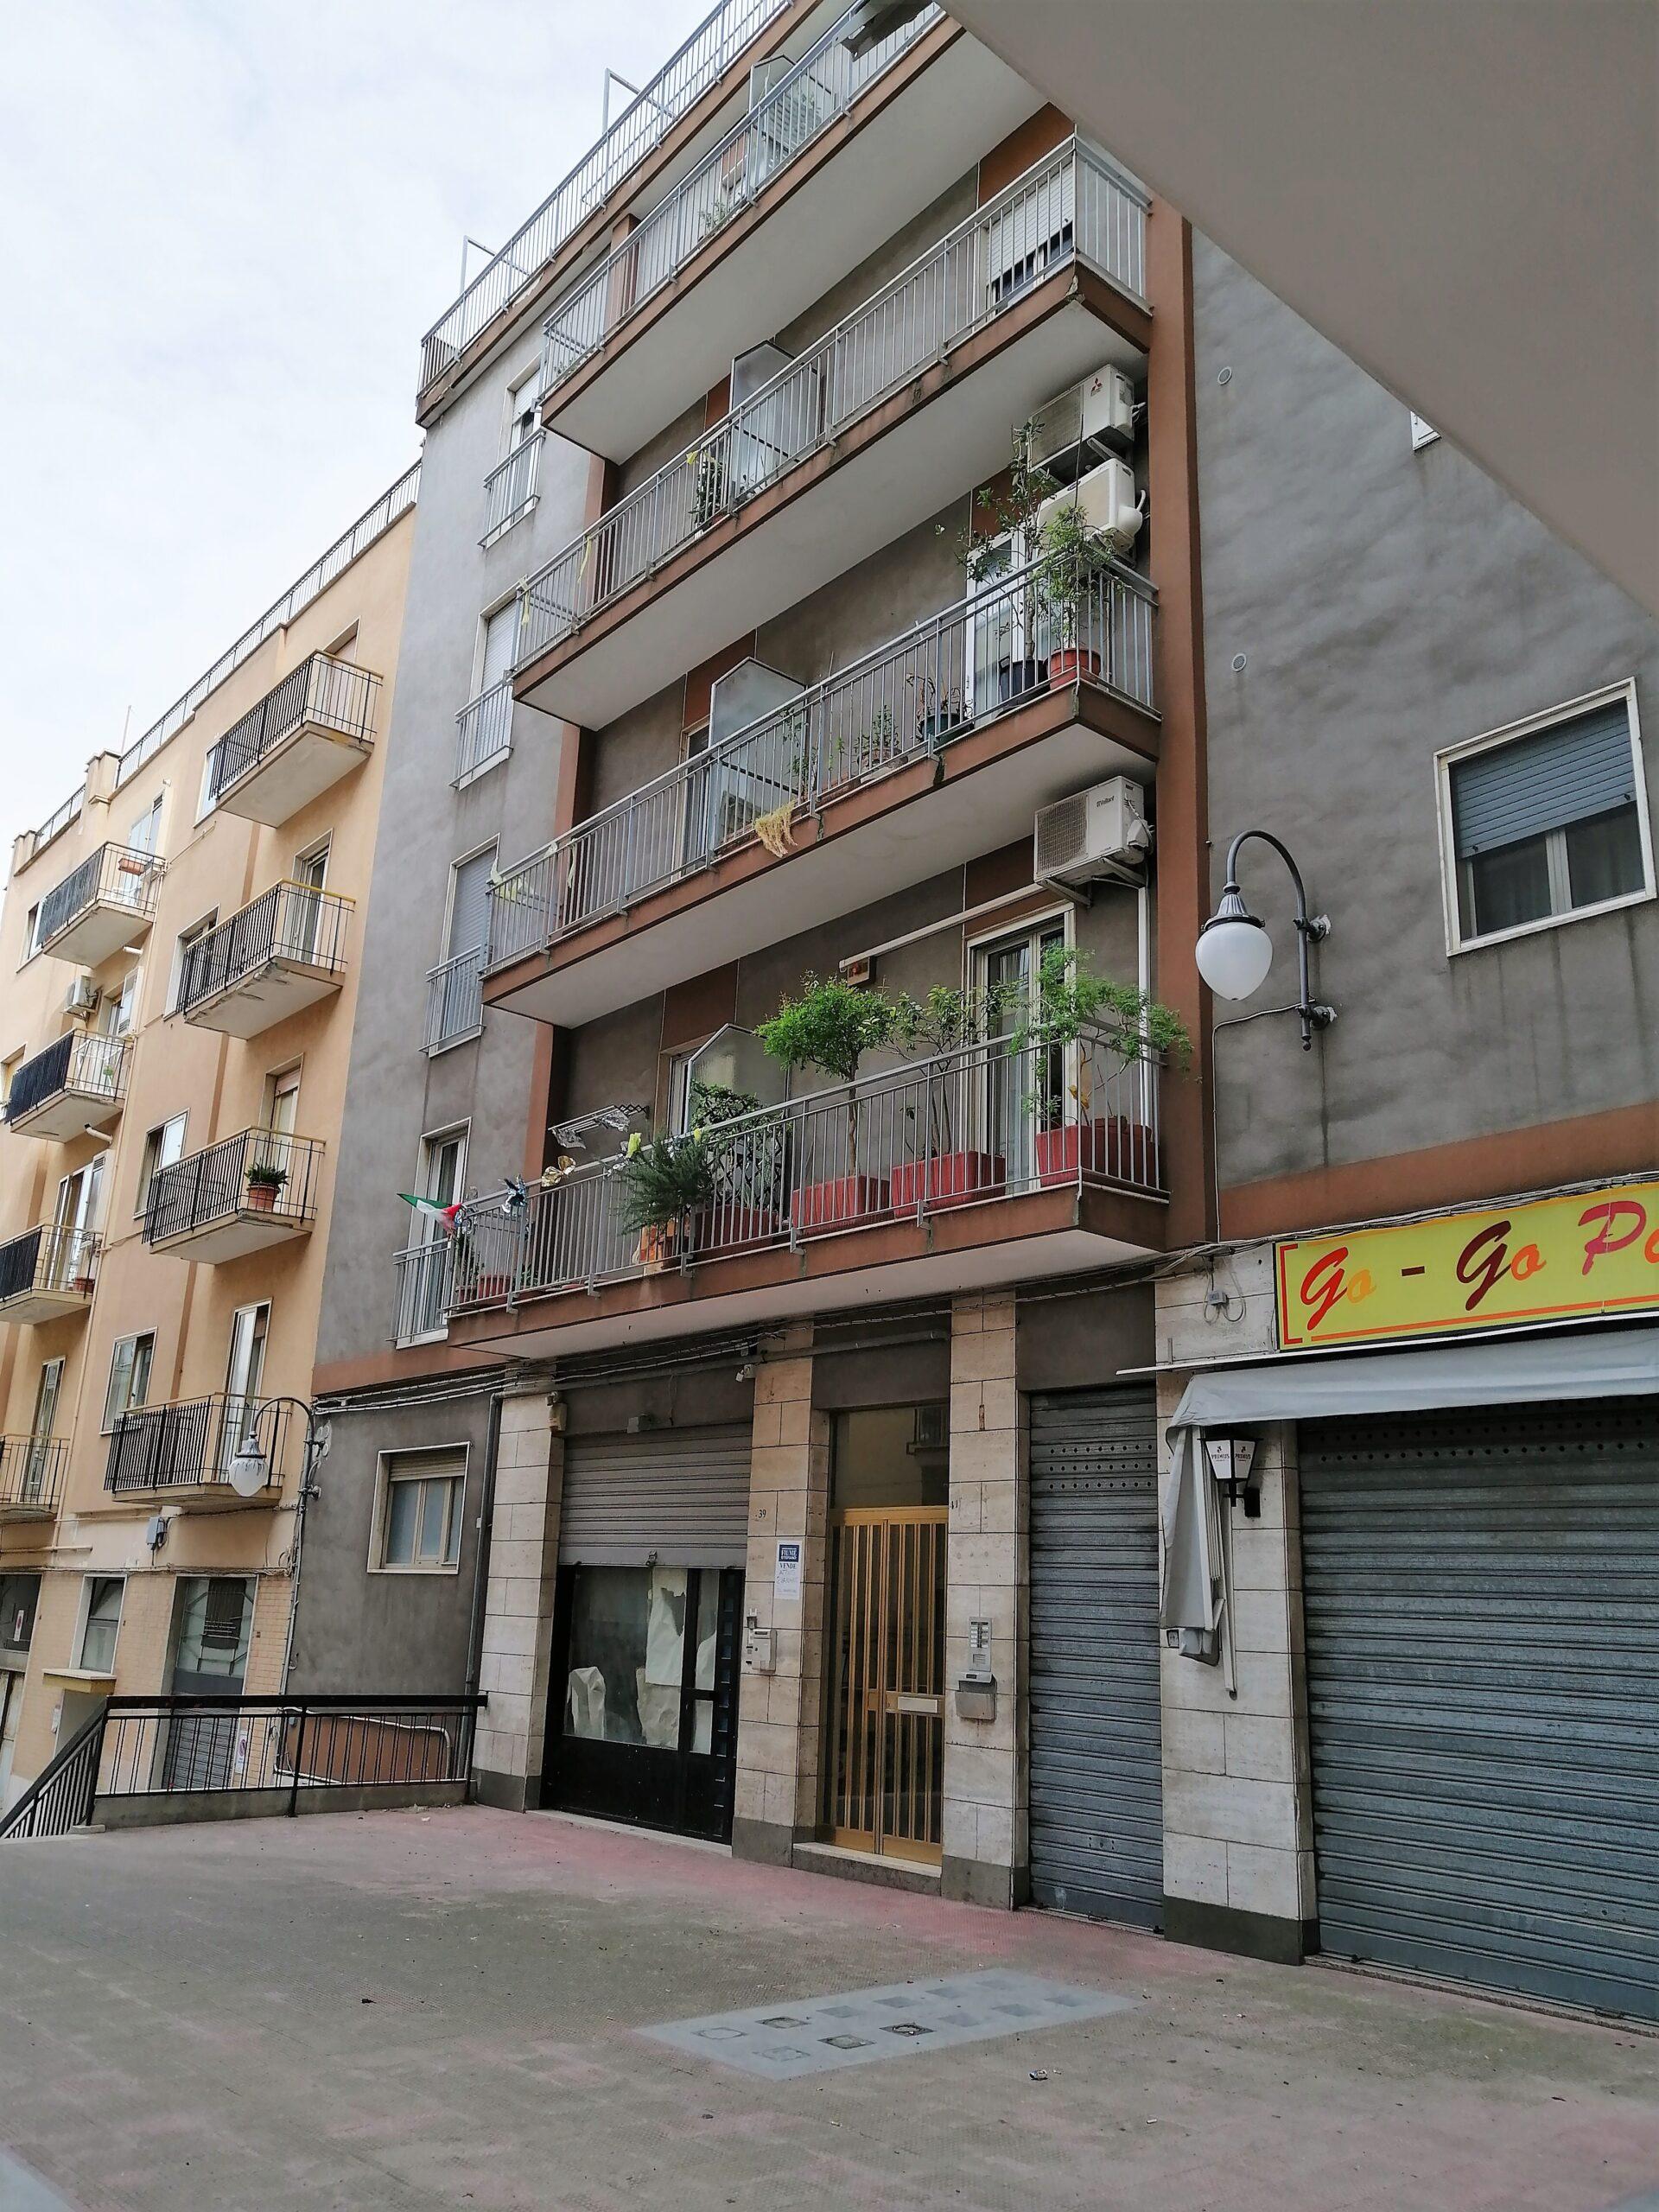 Agenzia Corso Immobiliare Bisceglie attico in vendita in corso umberto i - putignano